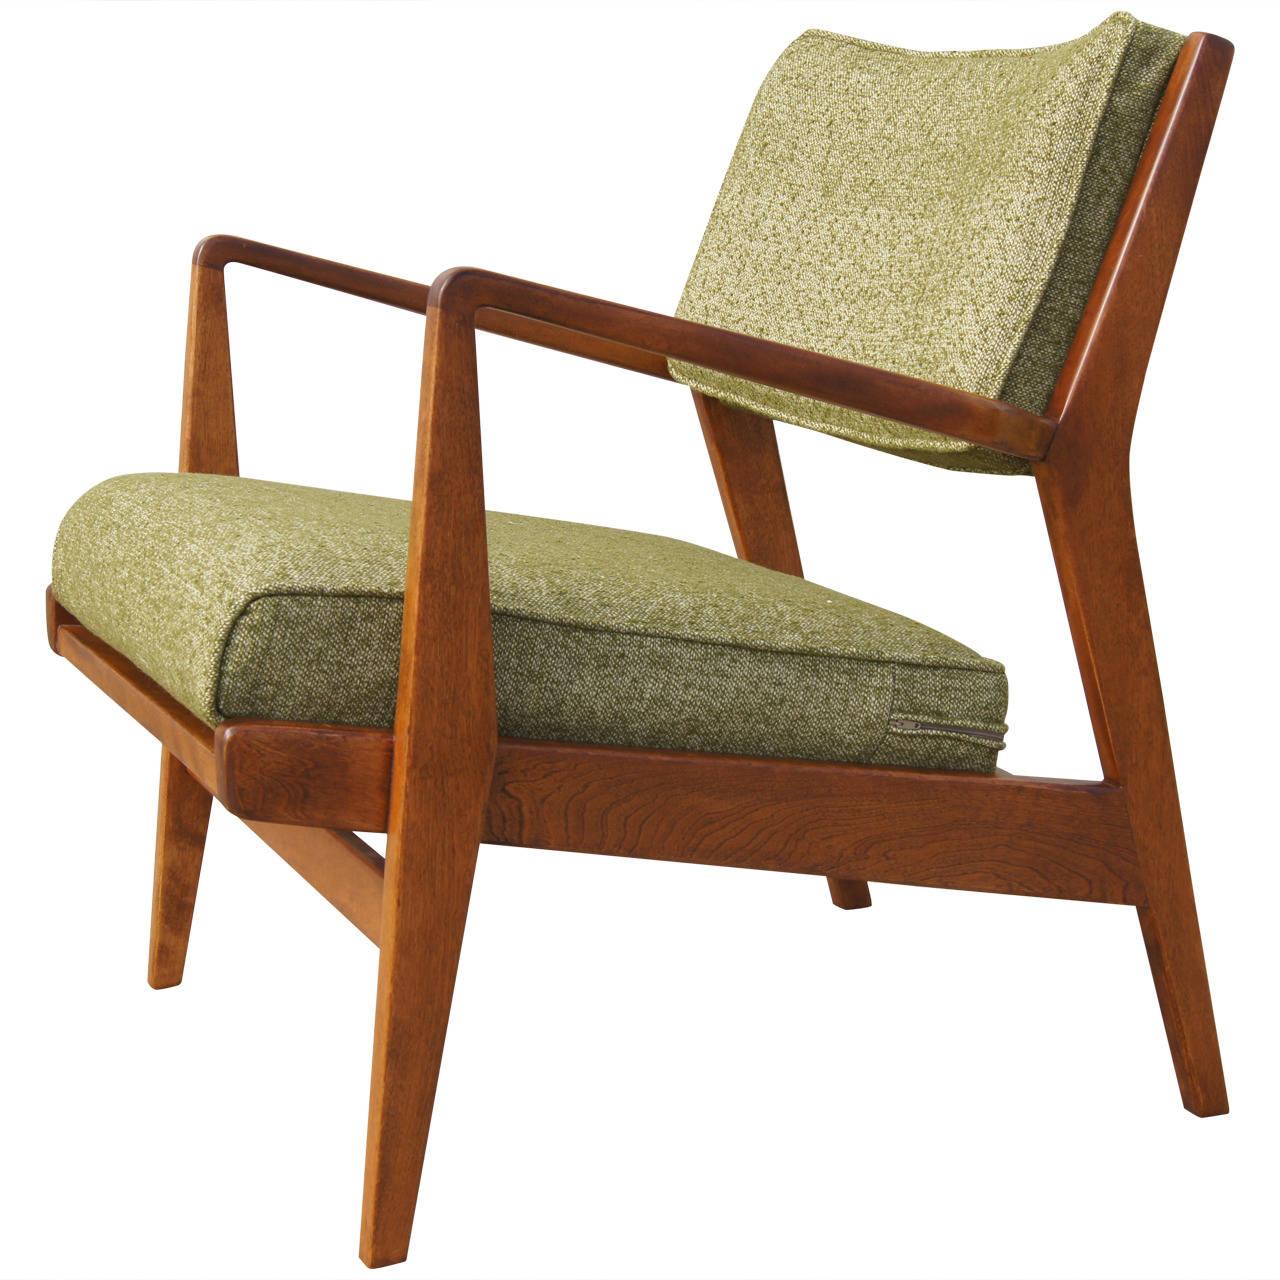 Low Armchair Model U 430 In Walnut By Jens Risom Walnut